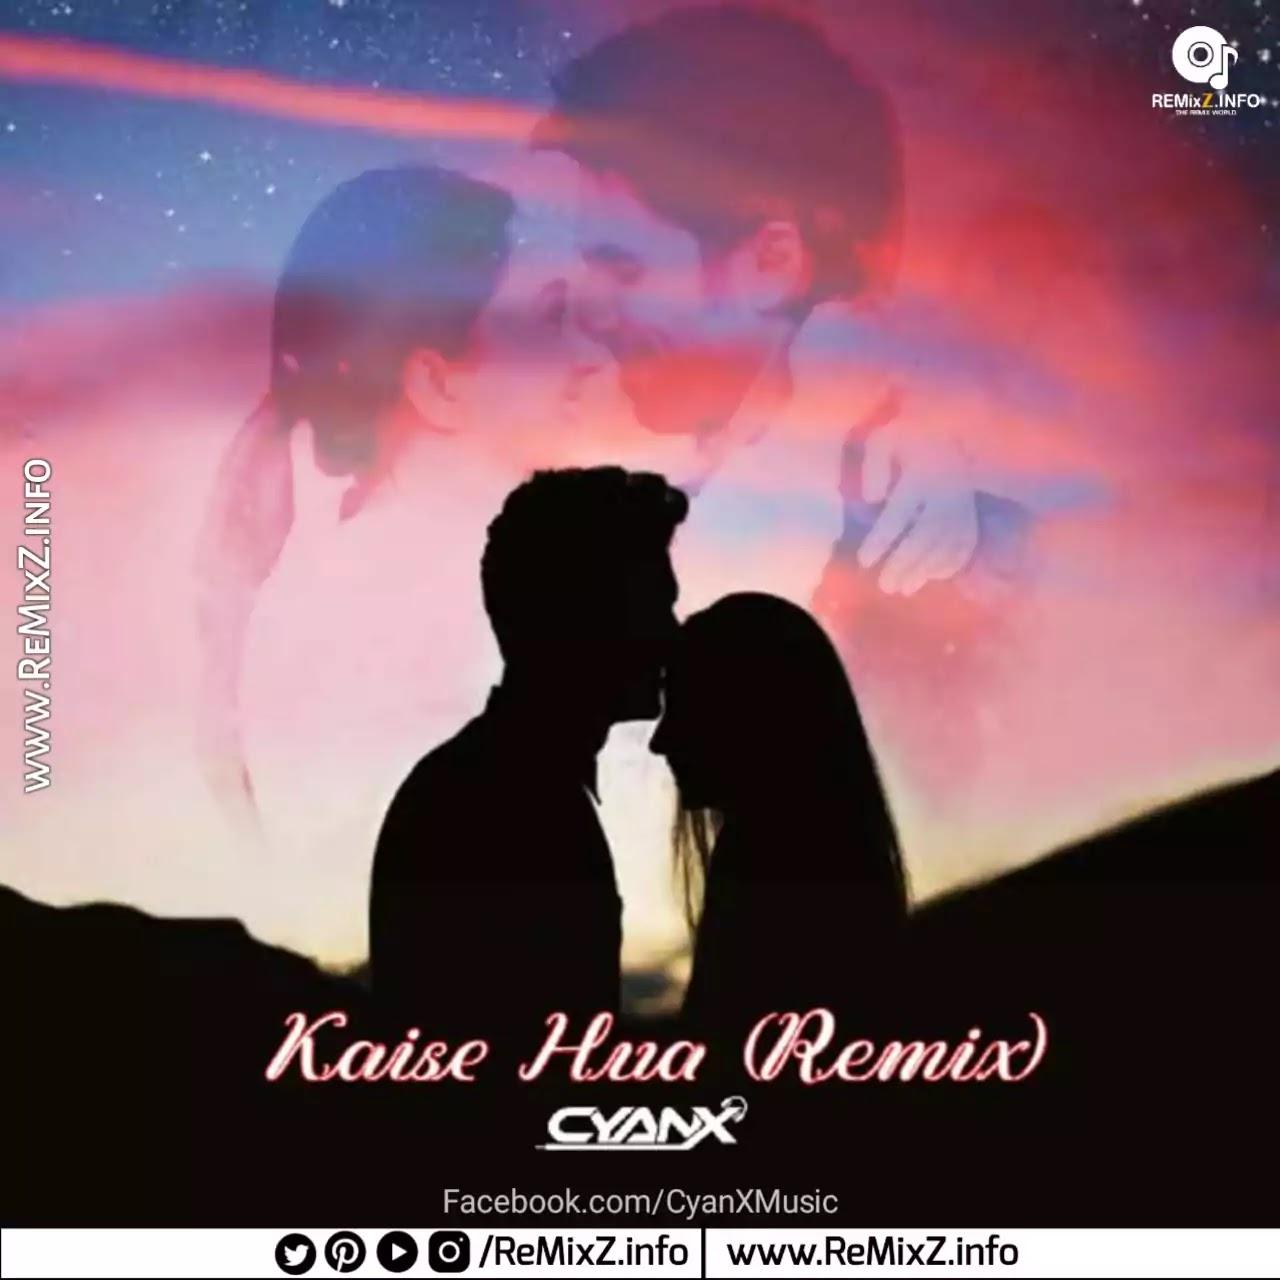 kaise-hua-remix-cyanx